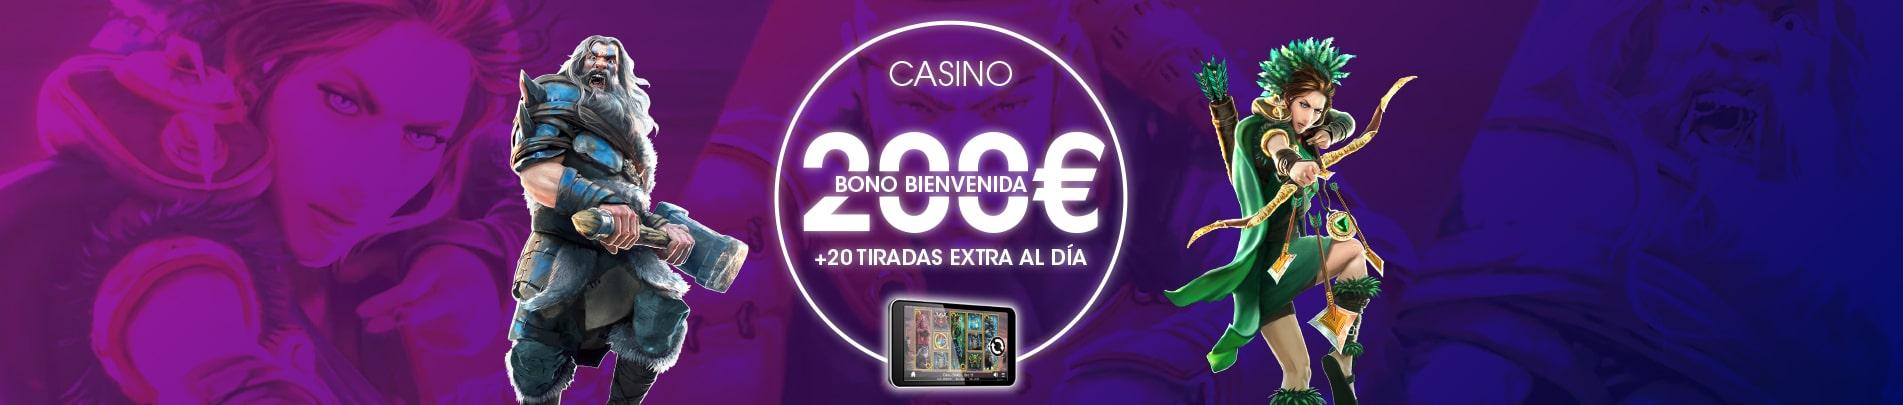 Bono Bienvenida casino Barcelona online